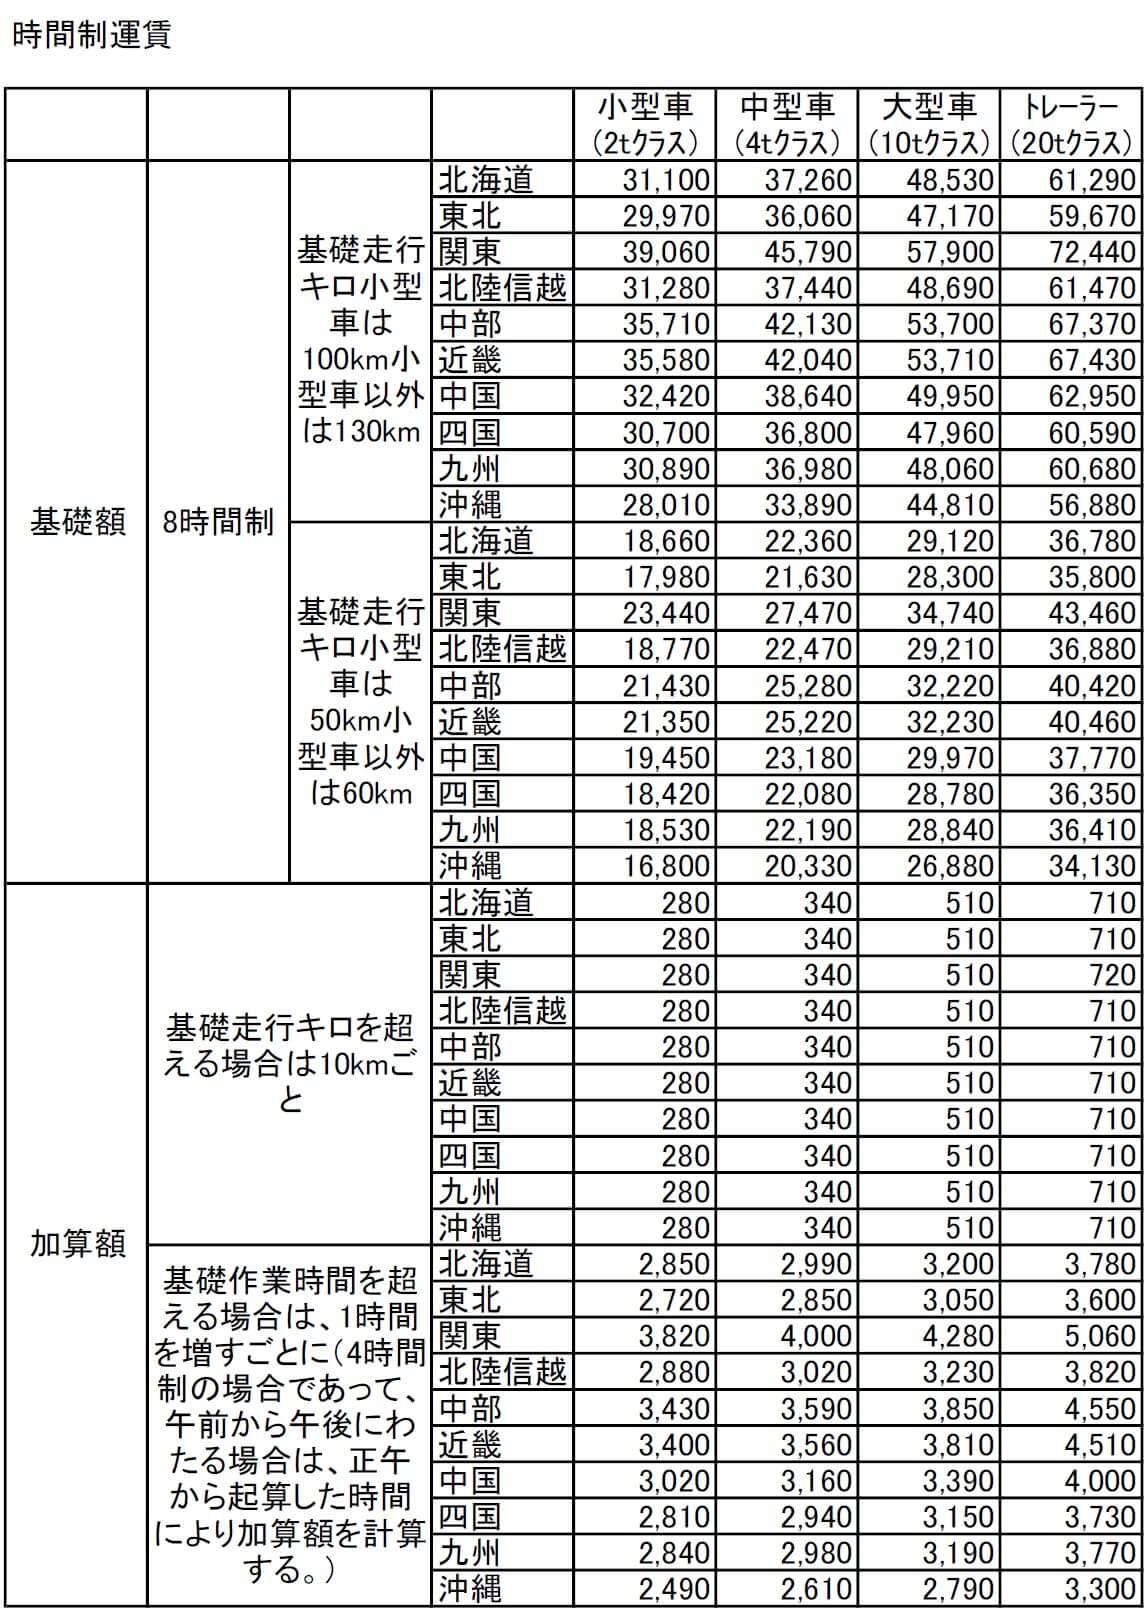 時間制運賃(2018年法改正による標準運賃案)